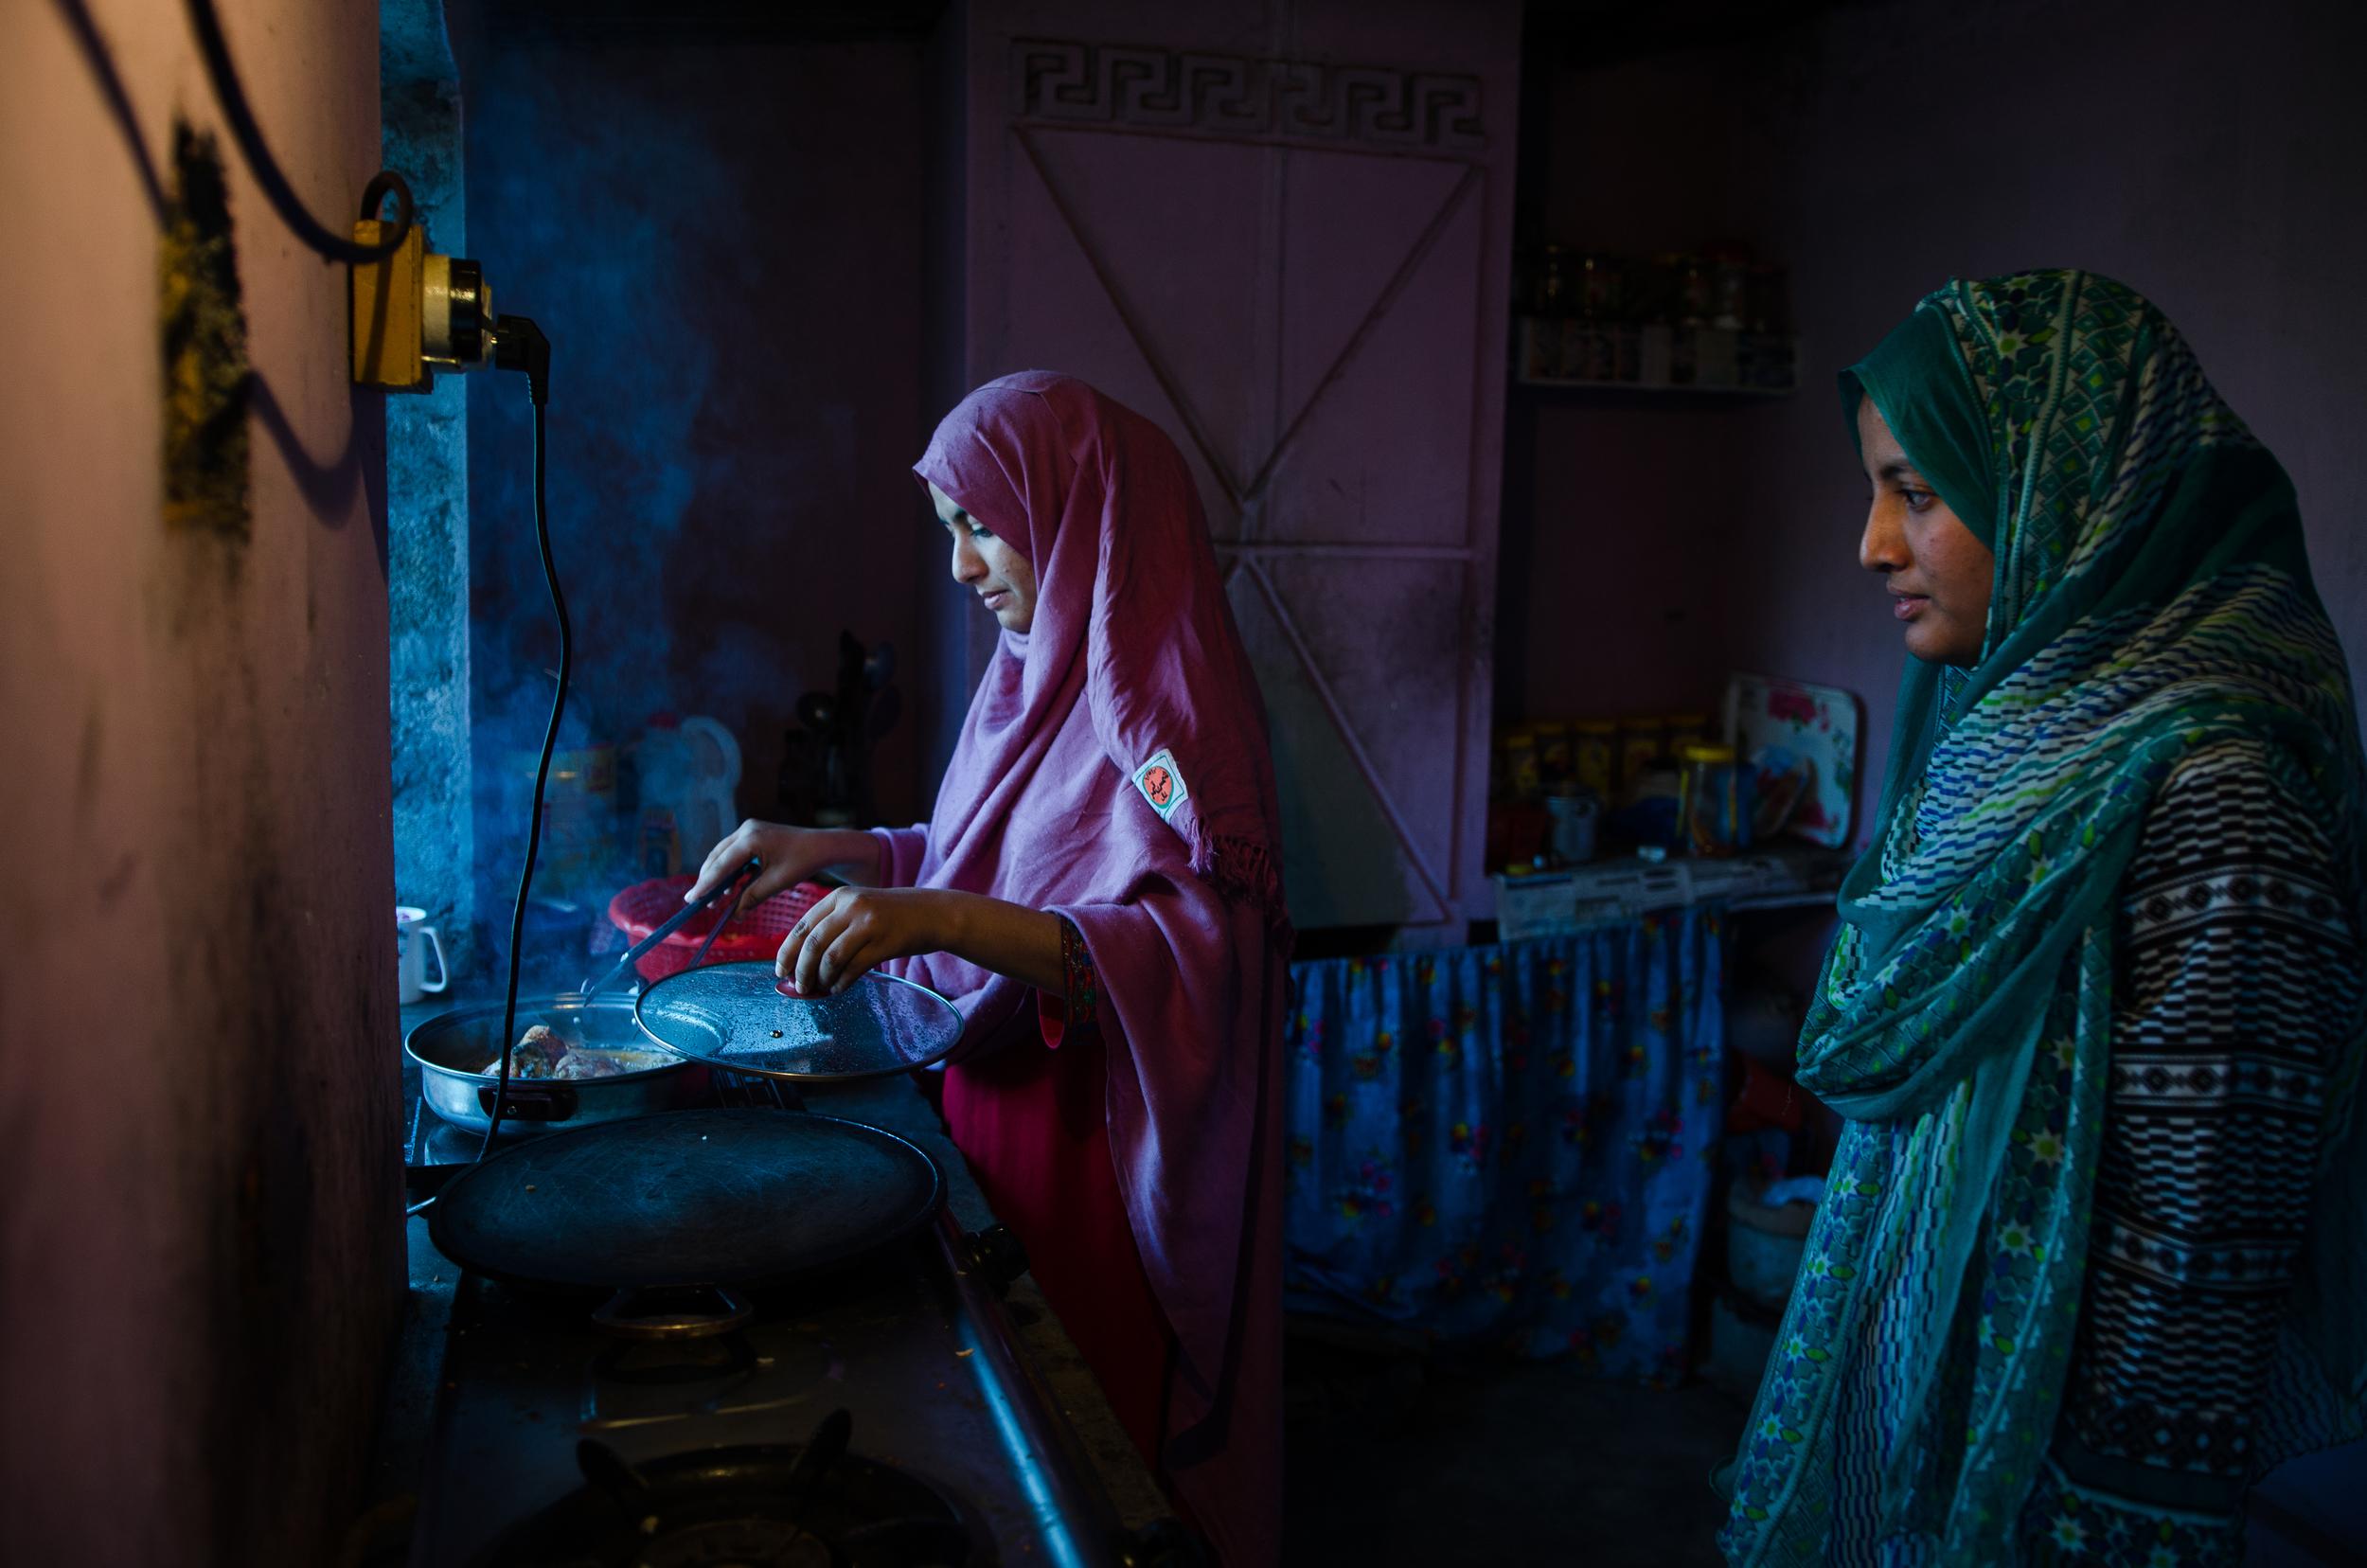 Nimra & Sumaya | Muzaffarabad (1/3)